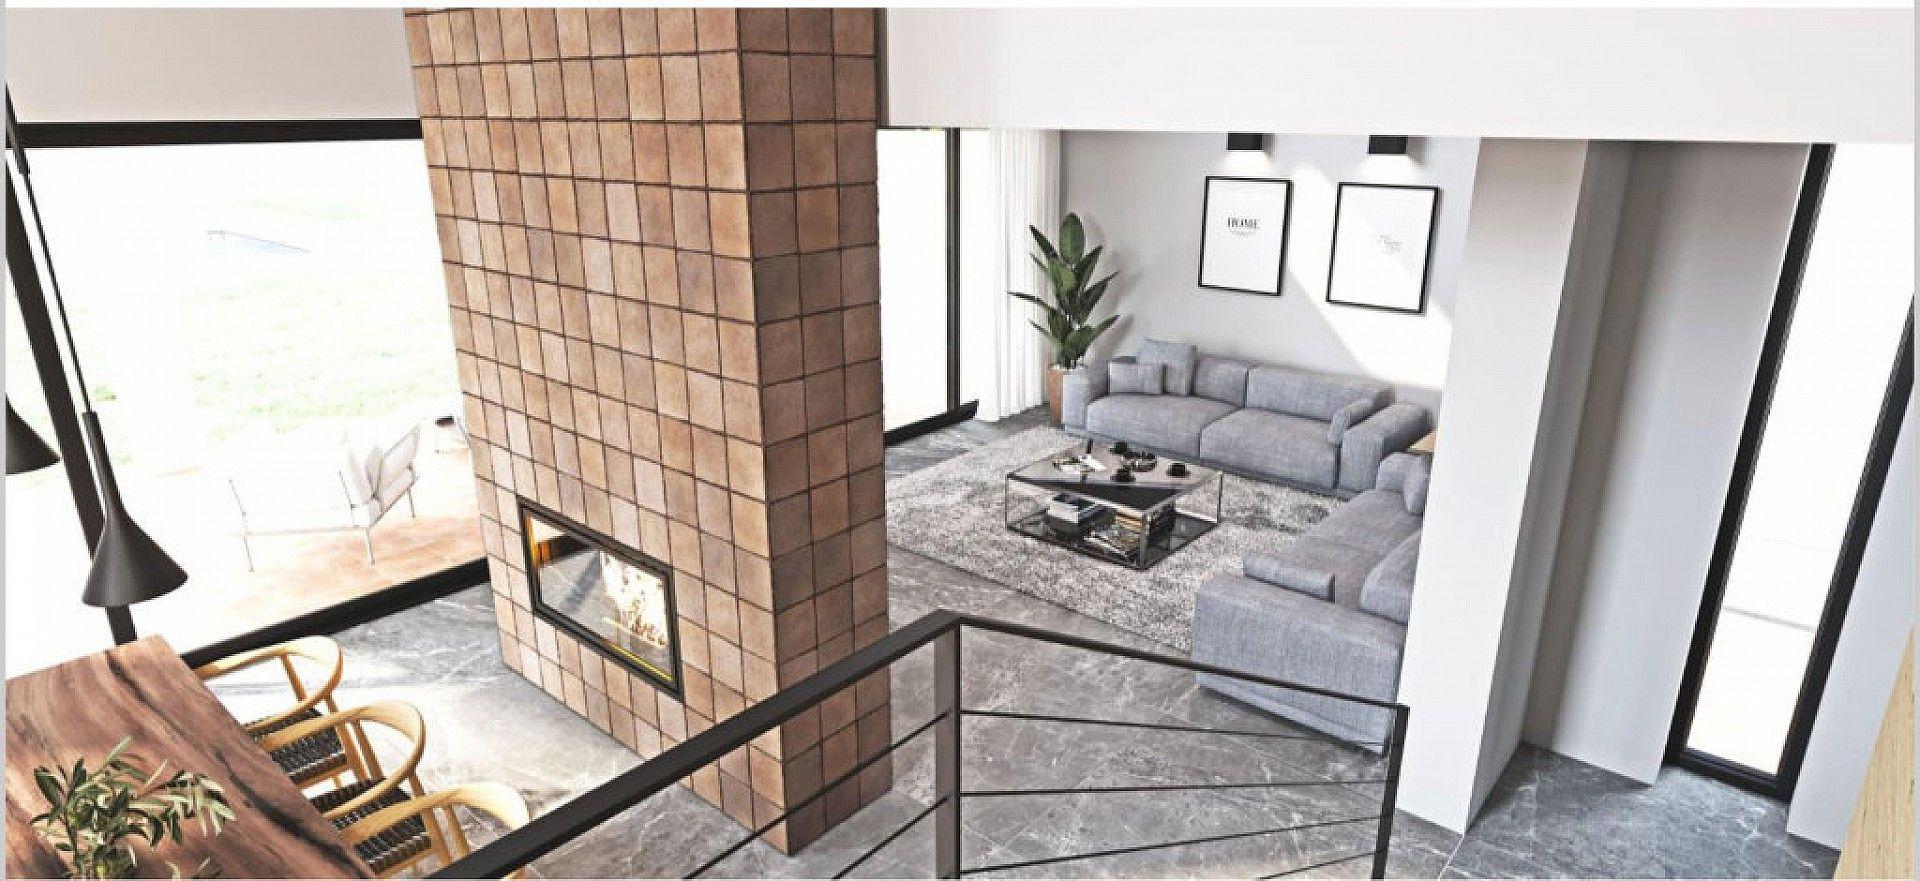 w_te-koop-huis-project-moraira-teulada-costa-blanca-nf2028-05-3.jpg